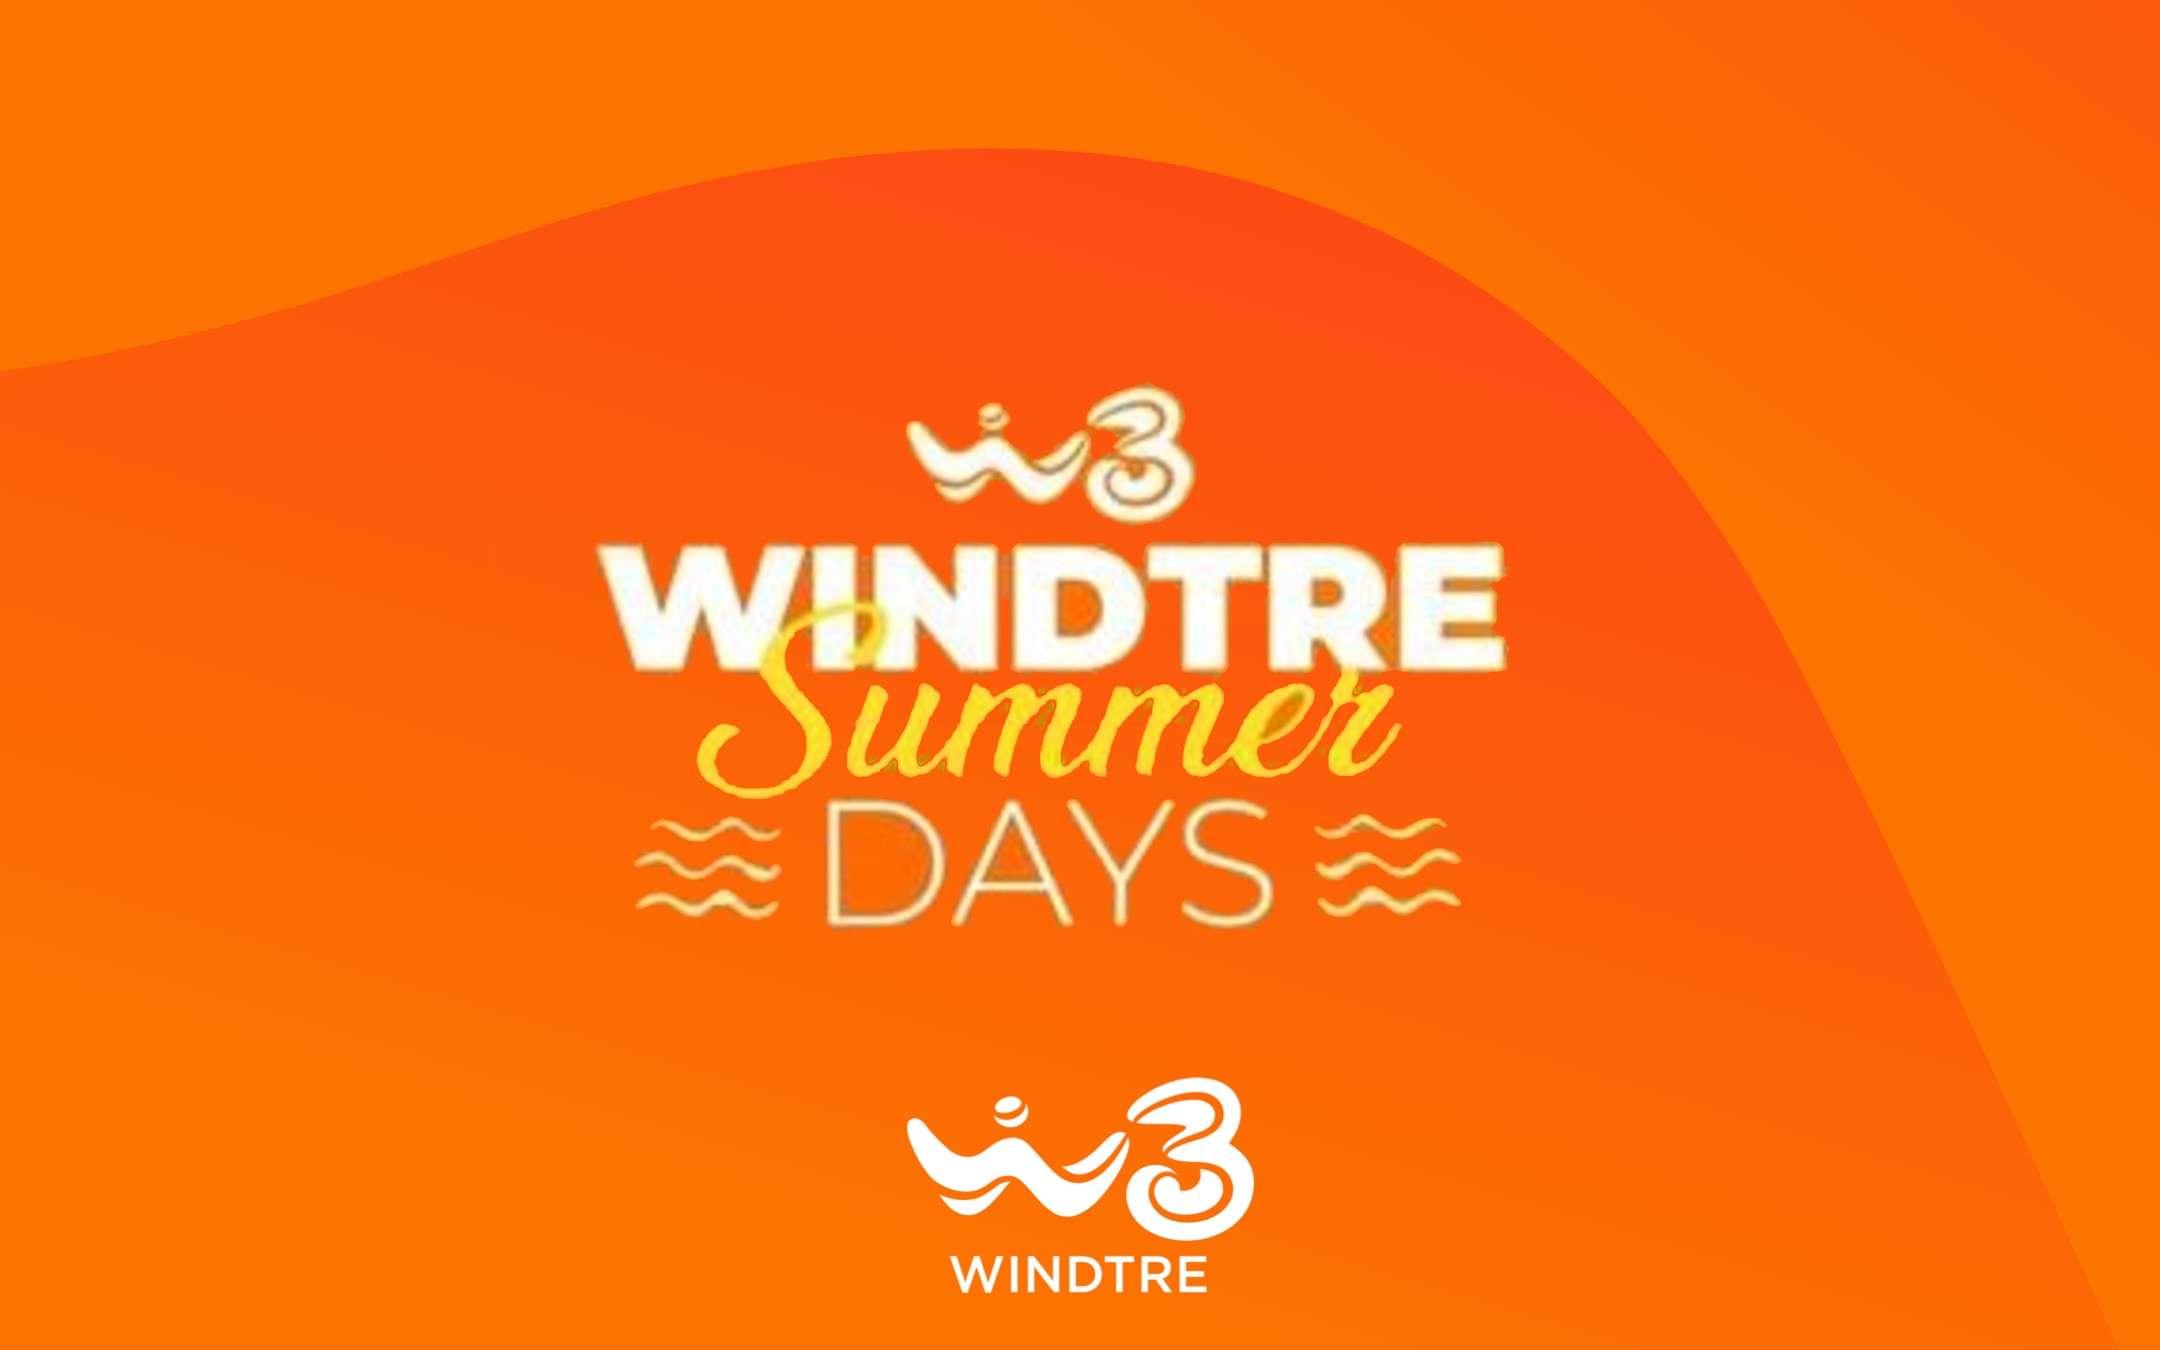 WINDTRE Summer Days: sconti anche in Estate!